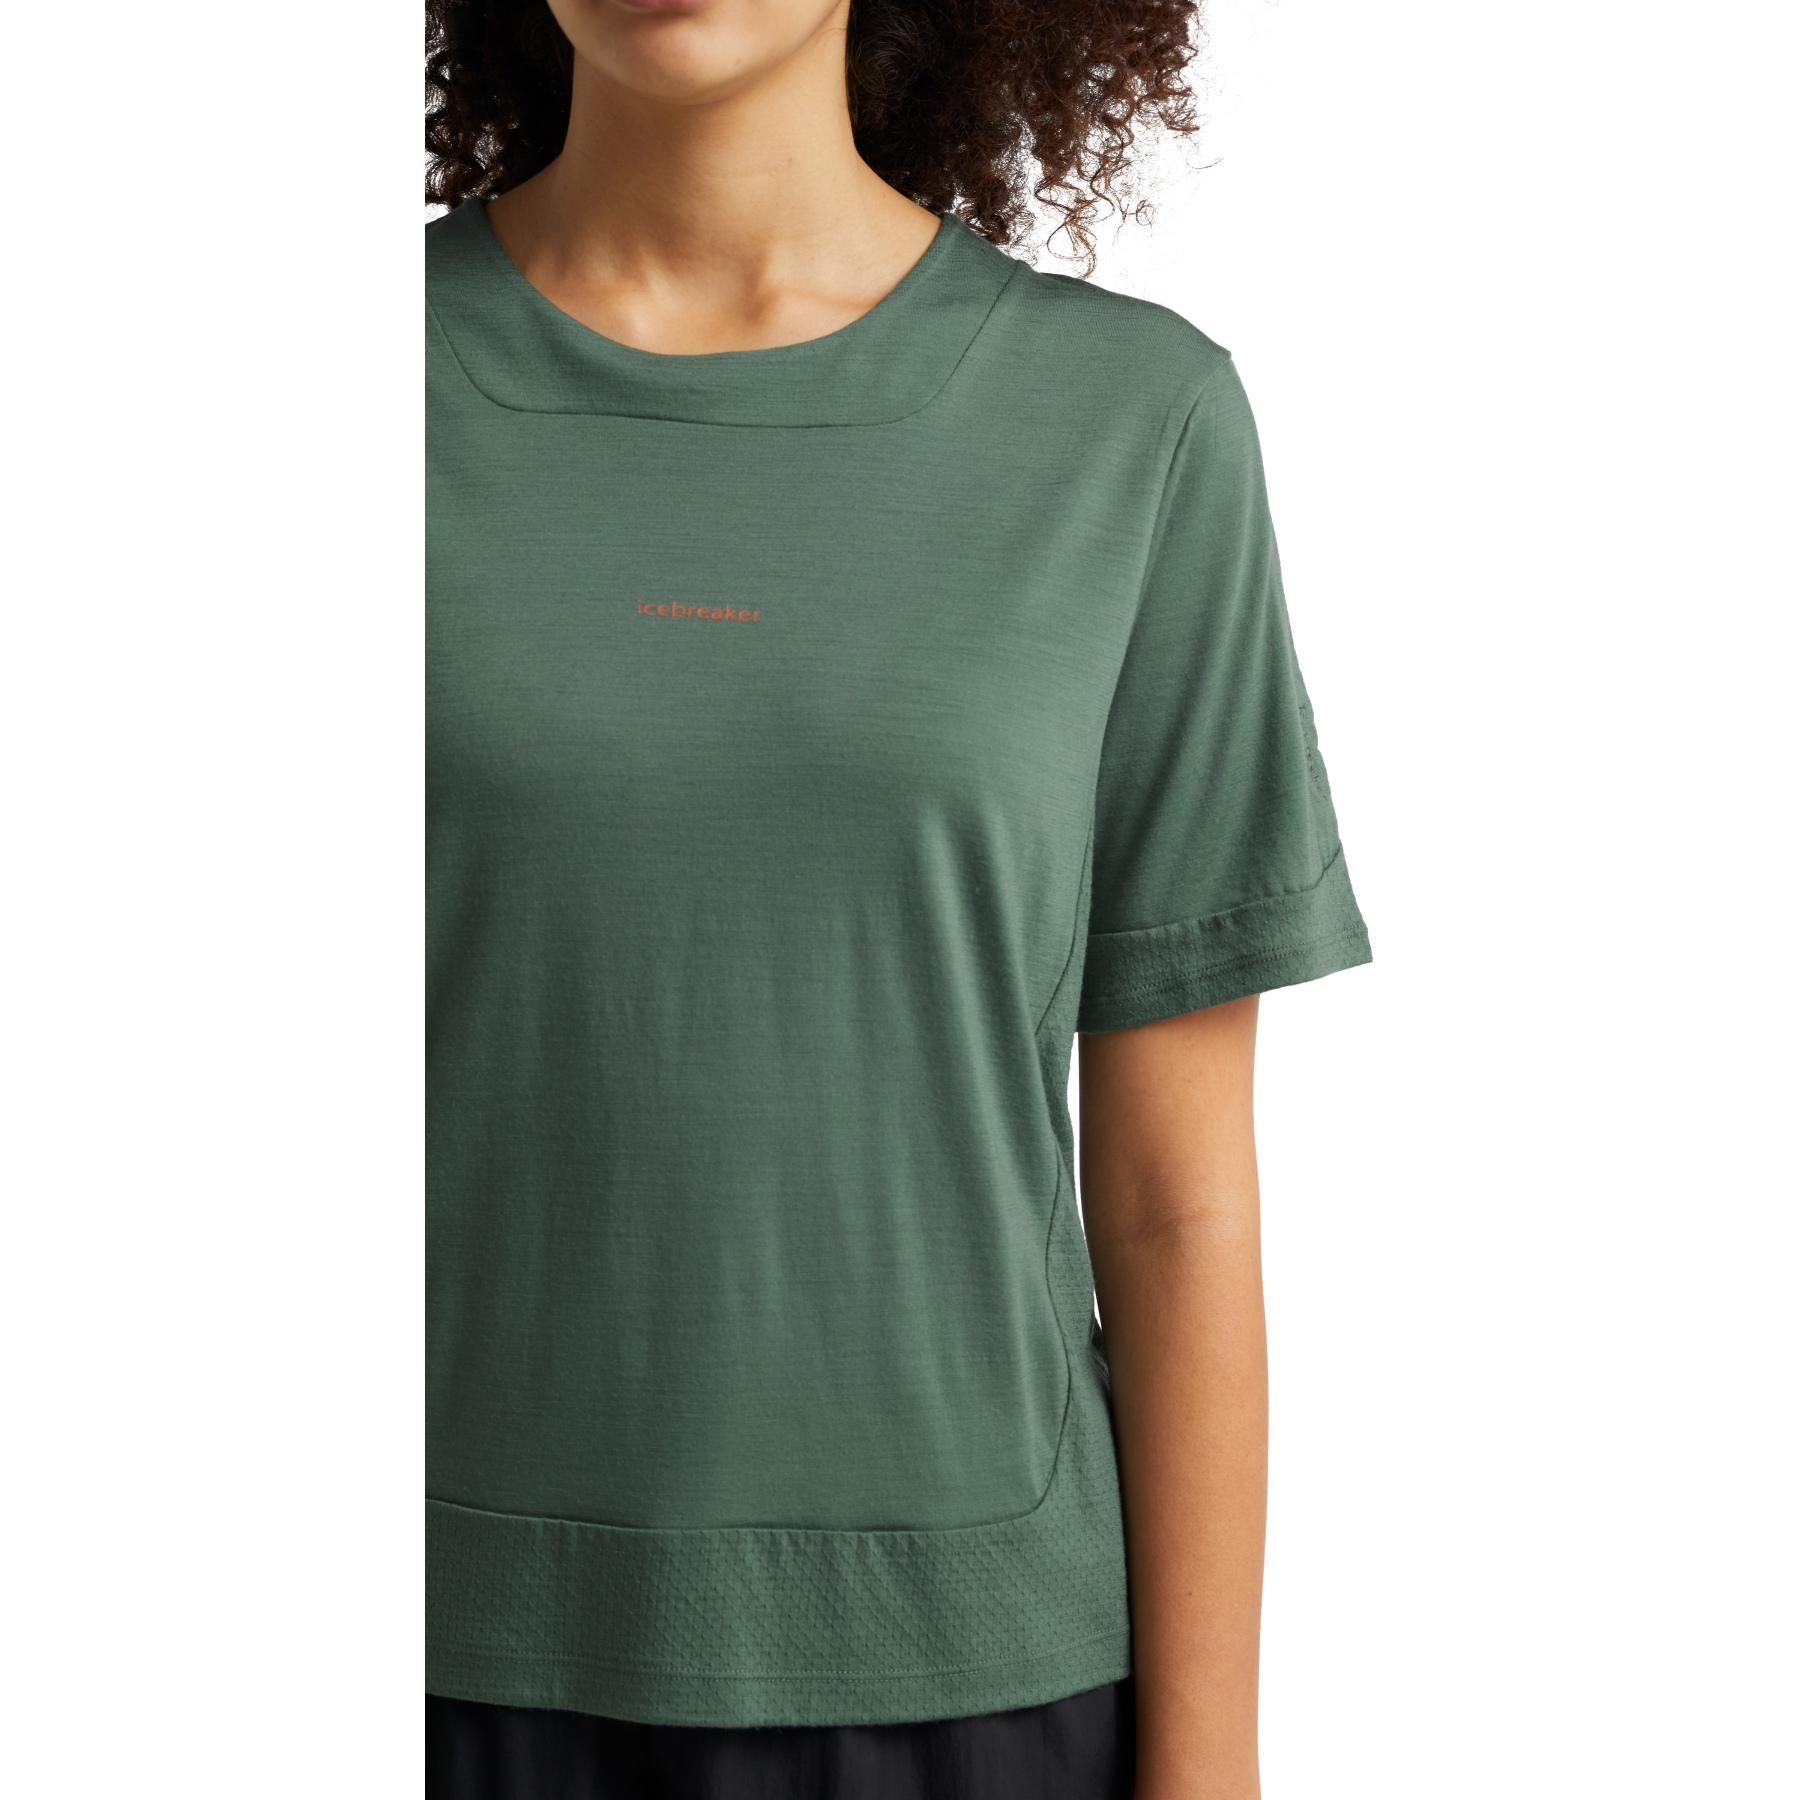 Bild von Icebreaker ZoneKnit™ Damen T-Shirt - Sage